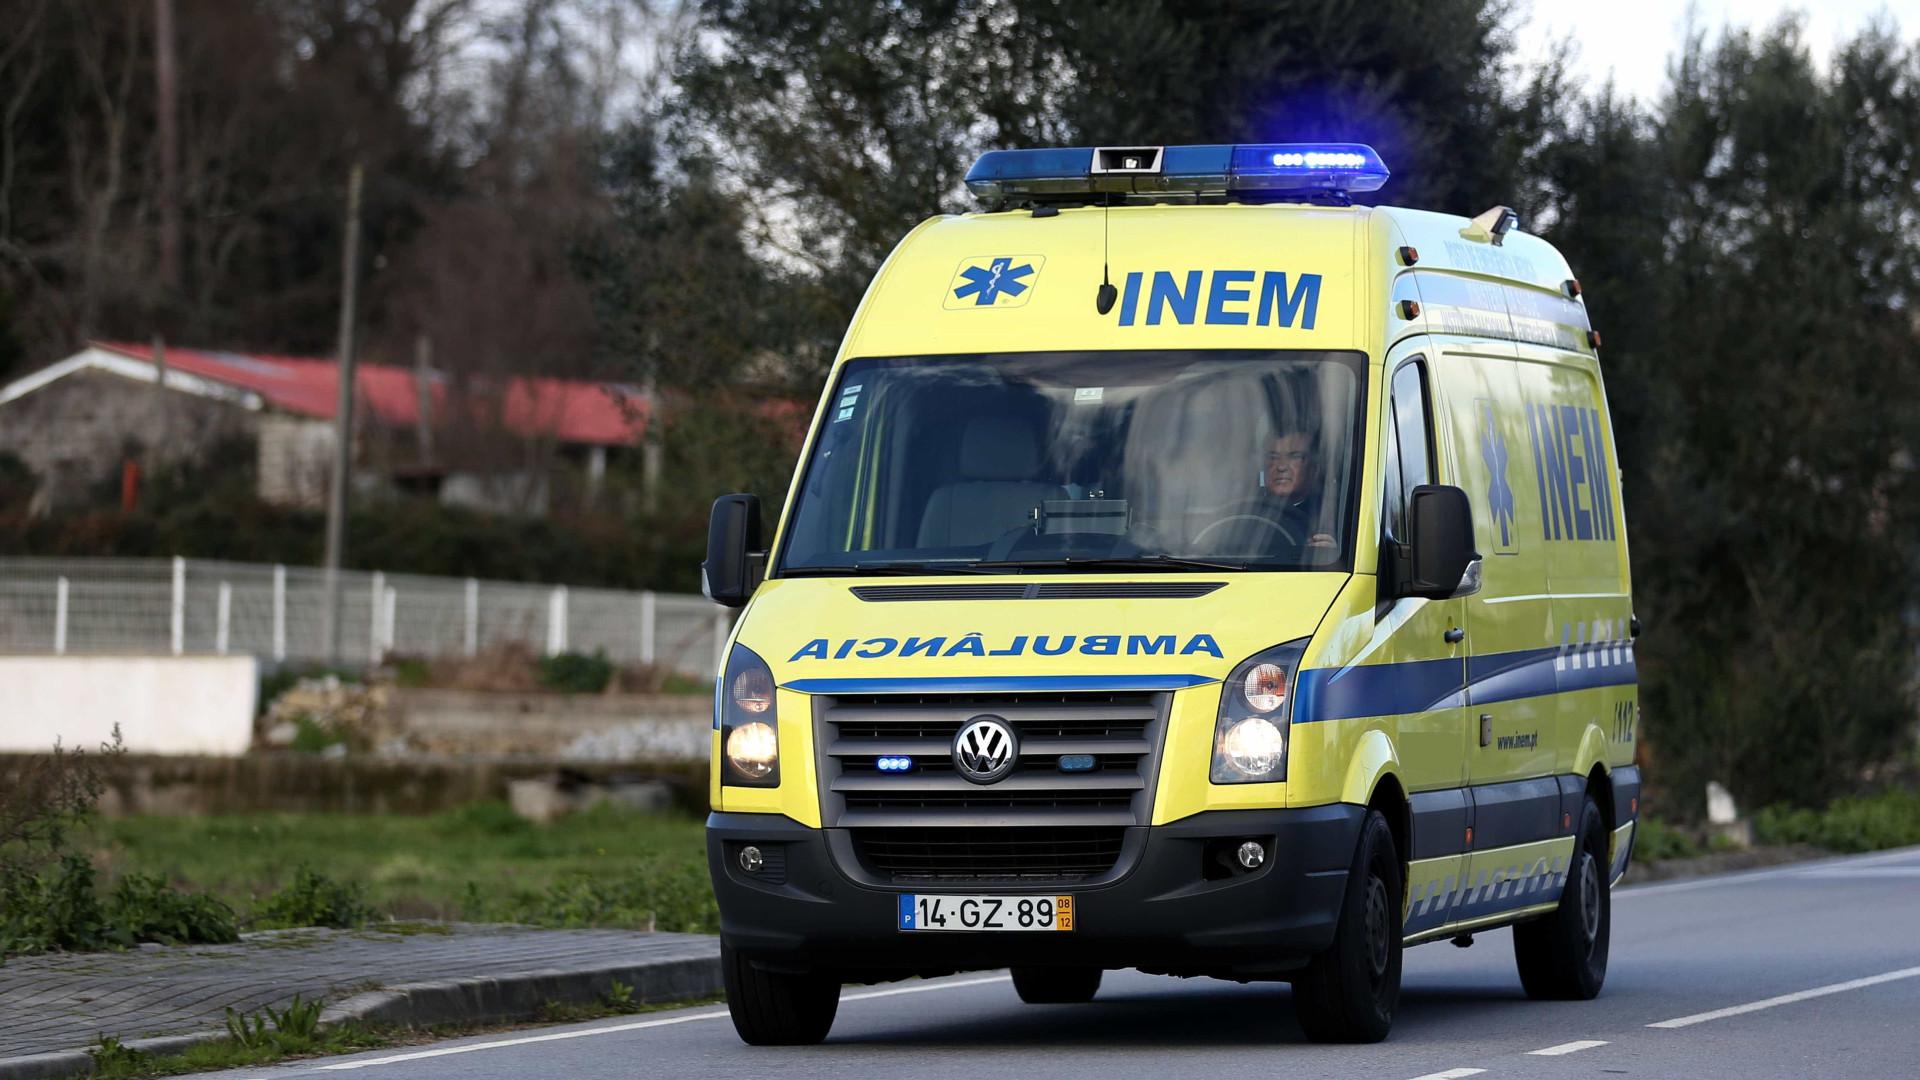 Homem de 58 anos morre em despiste no concelho de Estremoz